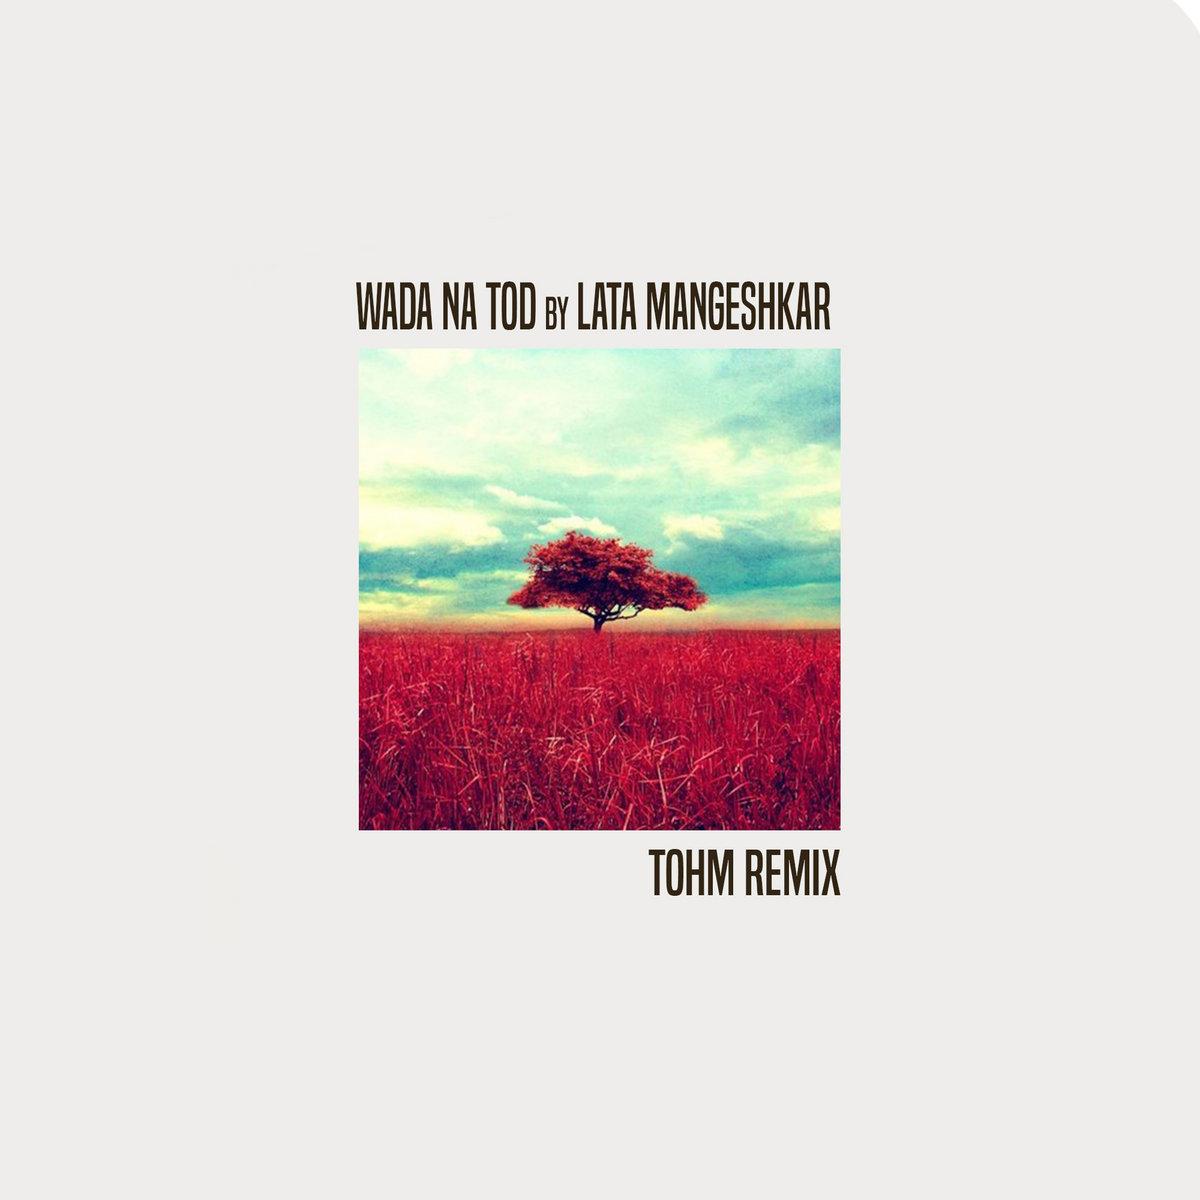 Wada na tod song | wada na tod song download | wada na tod mp3.